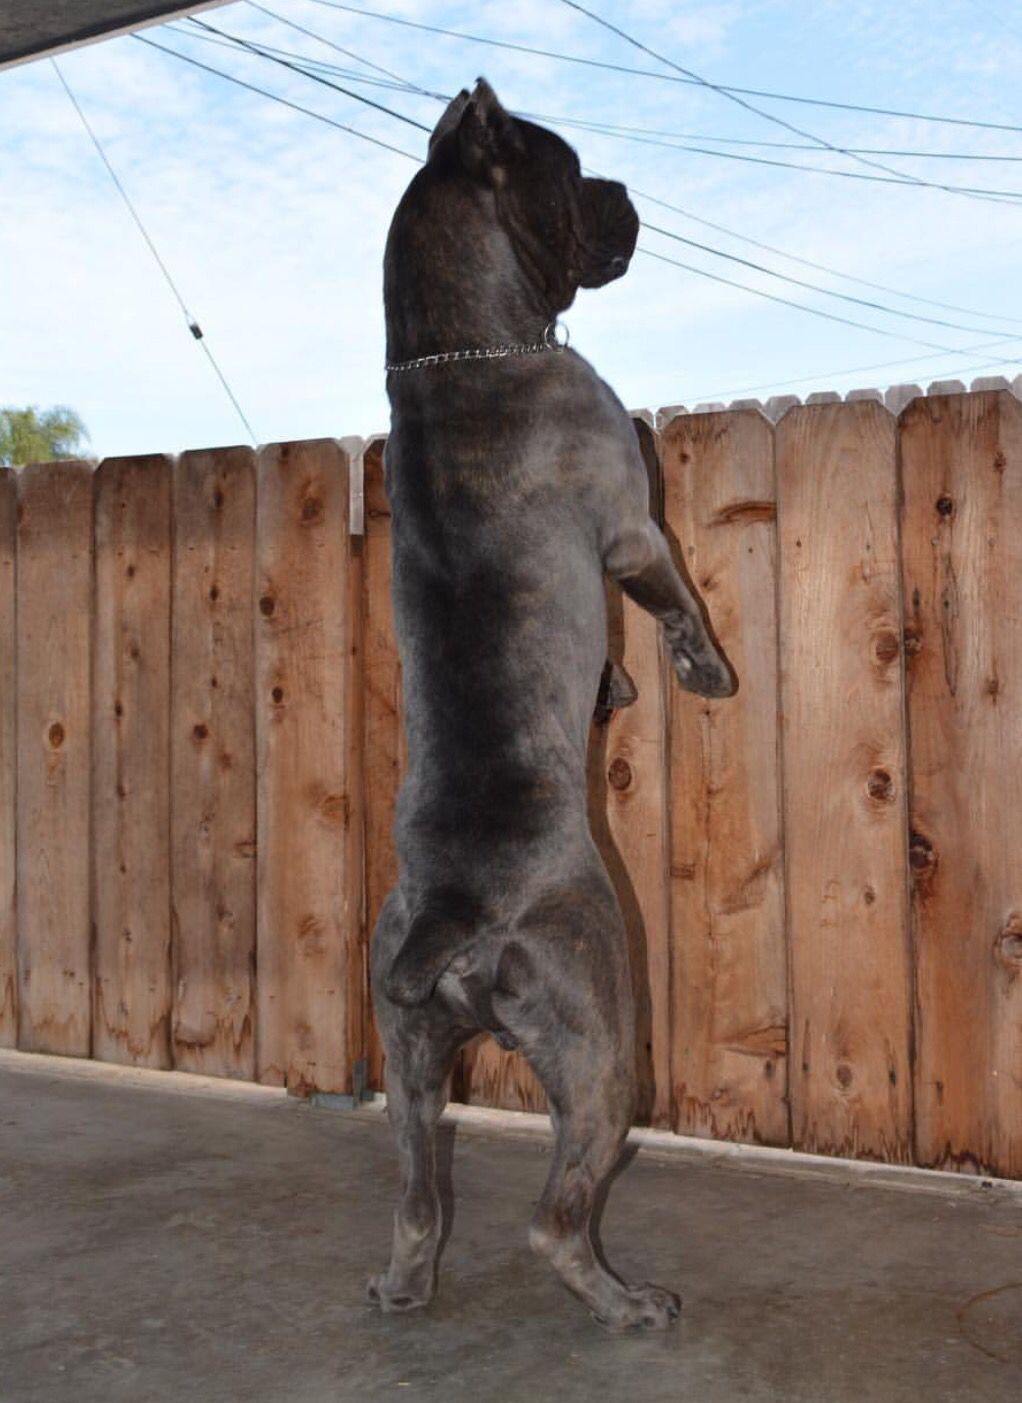 Cane Corso Apbt Amp Bully Breeds Cane Corso Puppies